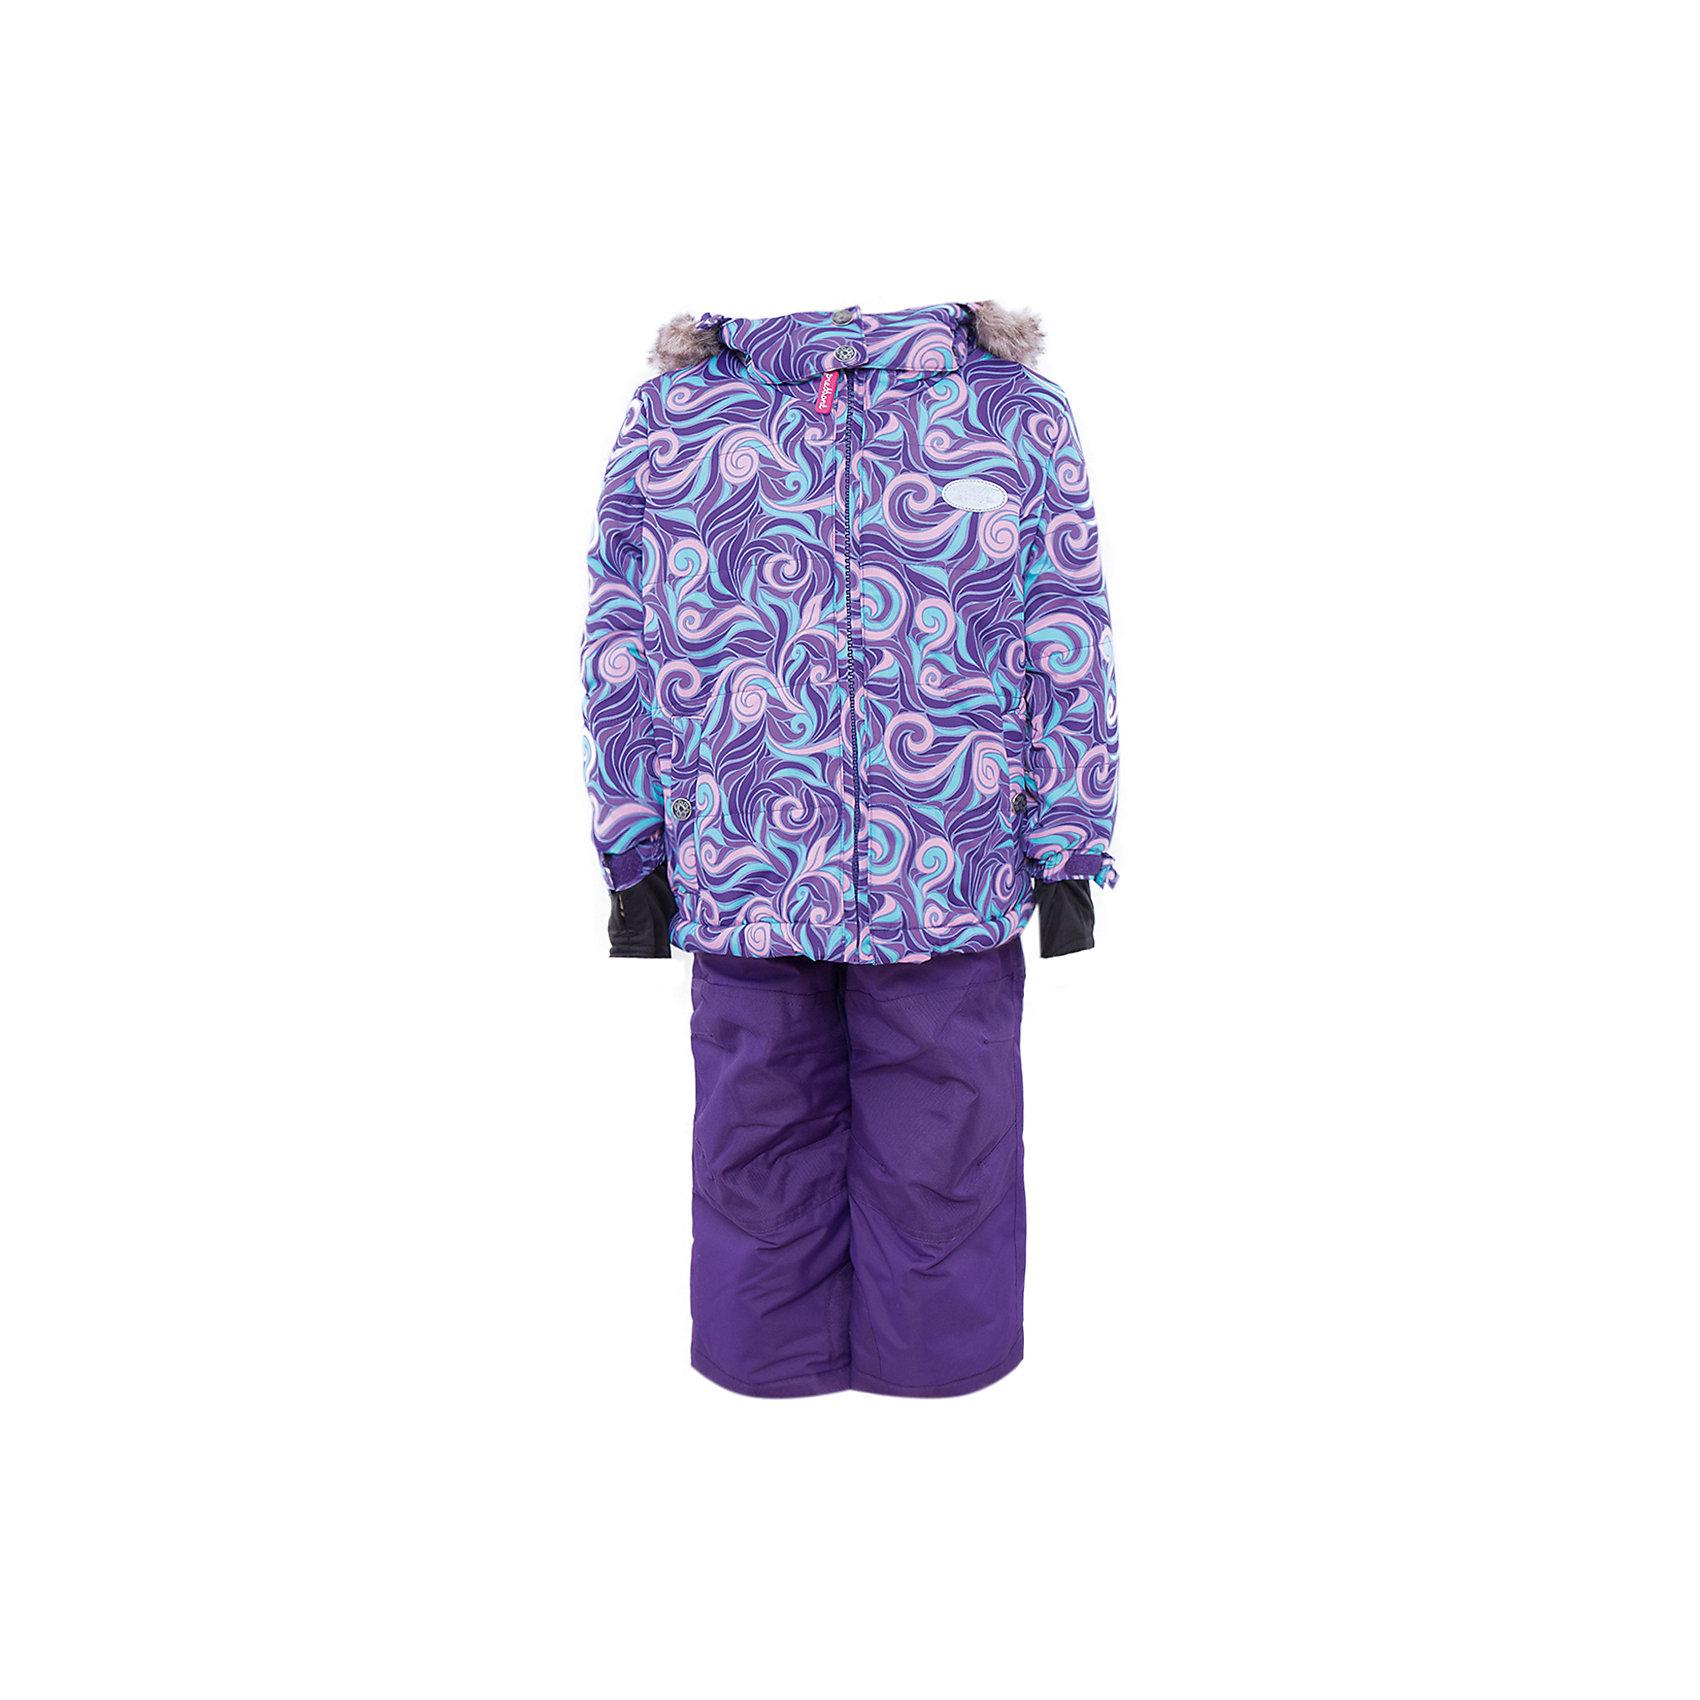 Комплект: куртка и брюки для девочки PremontКомплект: куртка и брюки для девочки от известного бренда Premont .<br>Ниагарский водопад по праву считается самым знаменитым и завораживающим водопадом в мире. Принт комбинезона «Загадка Ниагары» состоит из волнистых, переплетающихся между собой линий, словно струящиеся воды Ниагары слились воедино.<br>Состав:<br>Ткань верха: мембрана 5000мм/5000г/м2/24h, Taslan <br>Подклад: Polarfleece (тело, капюшон, манжеты), Taffeta (брюки, рукава, снежная юбка) Утеплитель: Tech-polyfill (куртка 280г, брюки 180г)<br><br>Ширина мм: 356<br>Глубина мм: 10<br>Высота мм: 245<br>Вес г: 519<br>Цвет: фиолетовый<br>Возраст от месяцев: 18<br>Возраст до месяцев: 24<br>Пол: Женский<br>Возраст: Детский<br>Размер: 152,92,164,140,128,122,120,116,110,104,100,98<br>SKU: 4996696